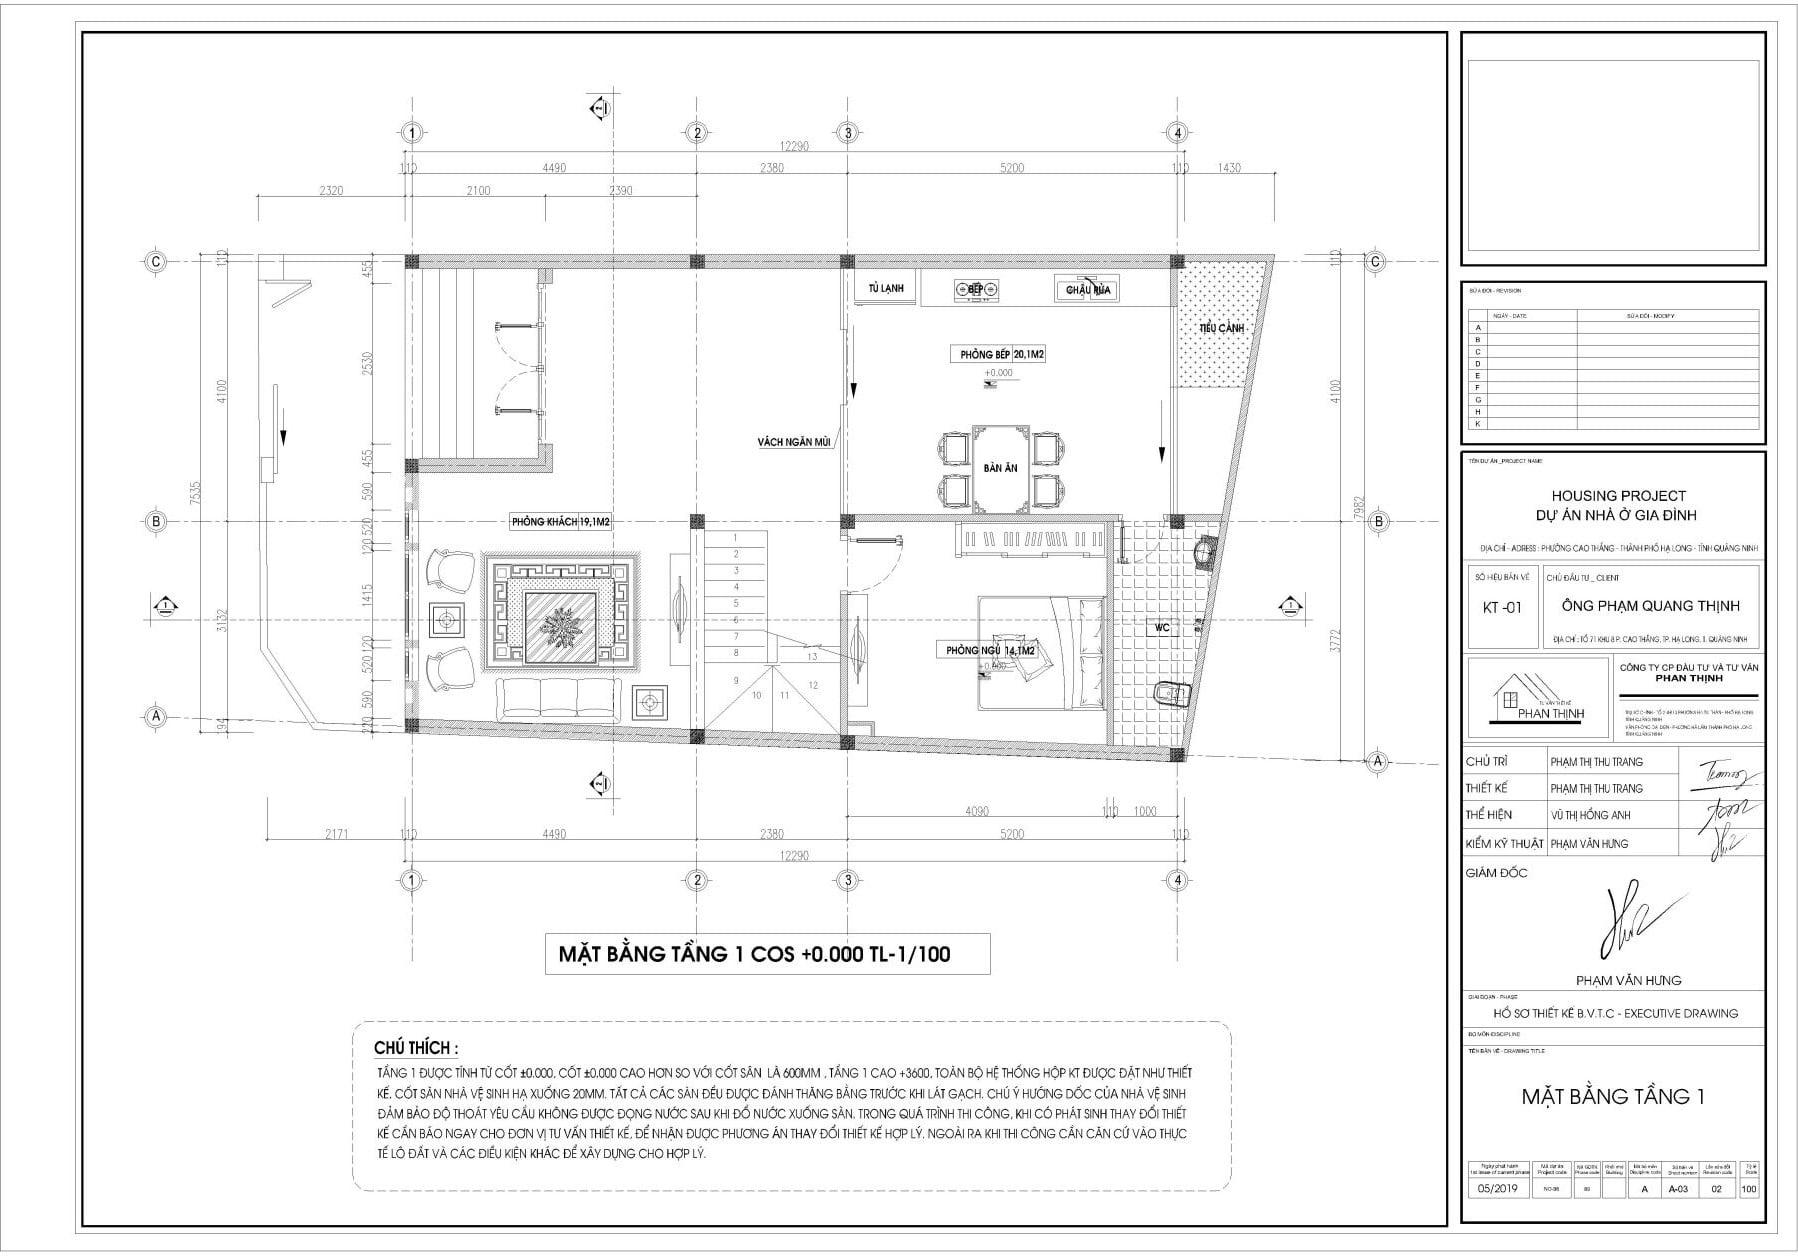 Mặt bằng thiết kế tại tầng 1, ngôi nhà 2 tầng